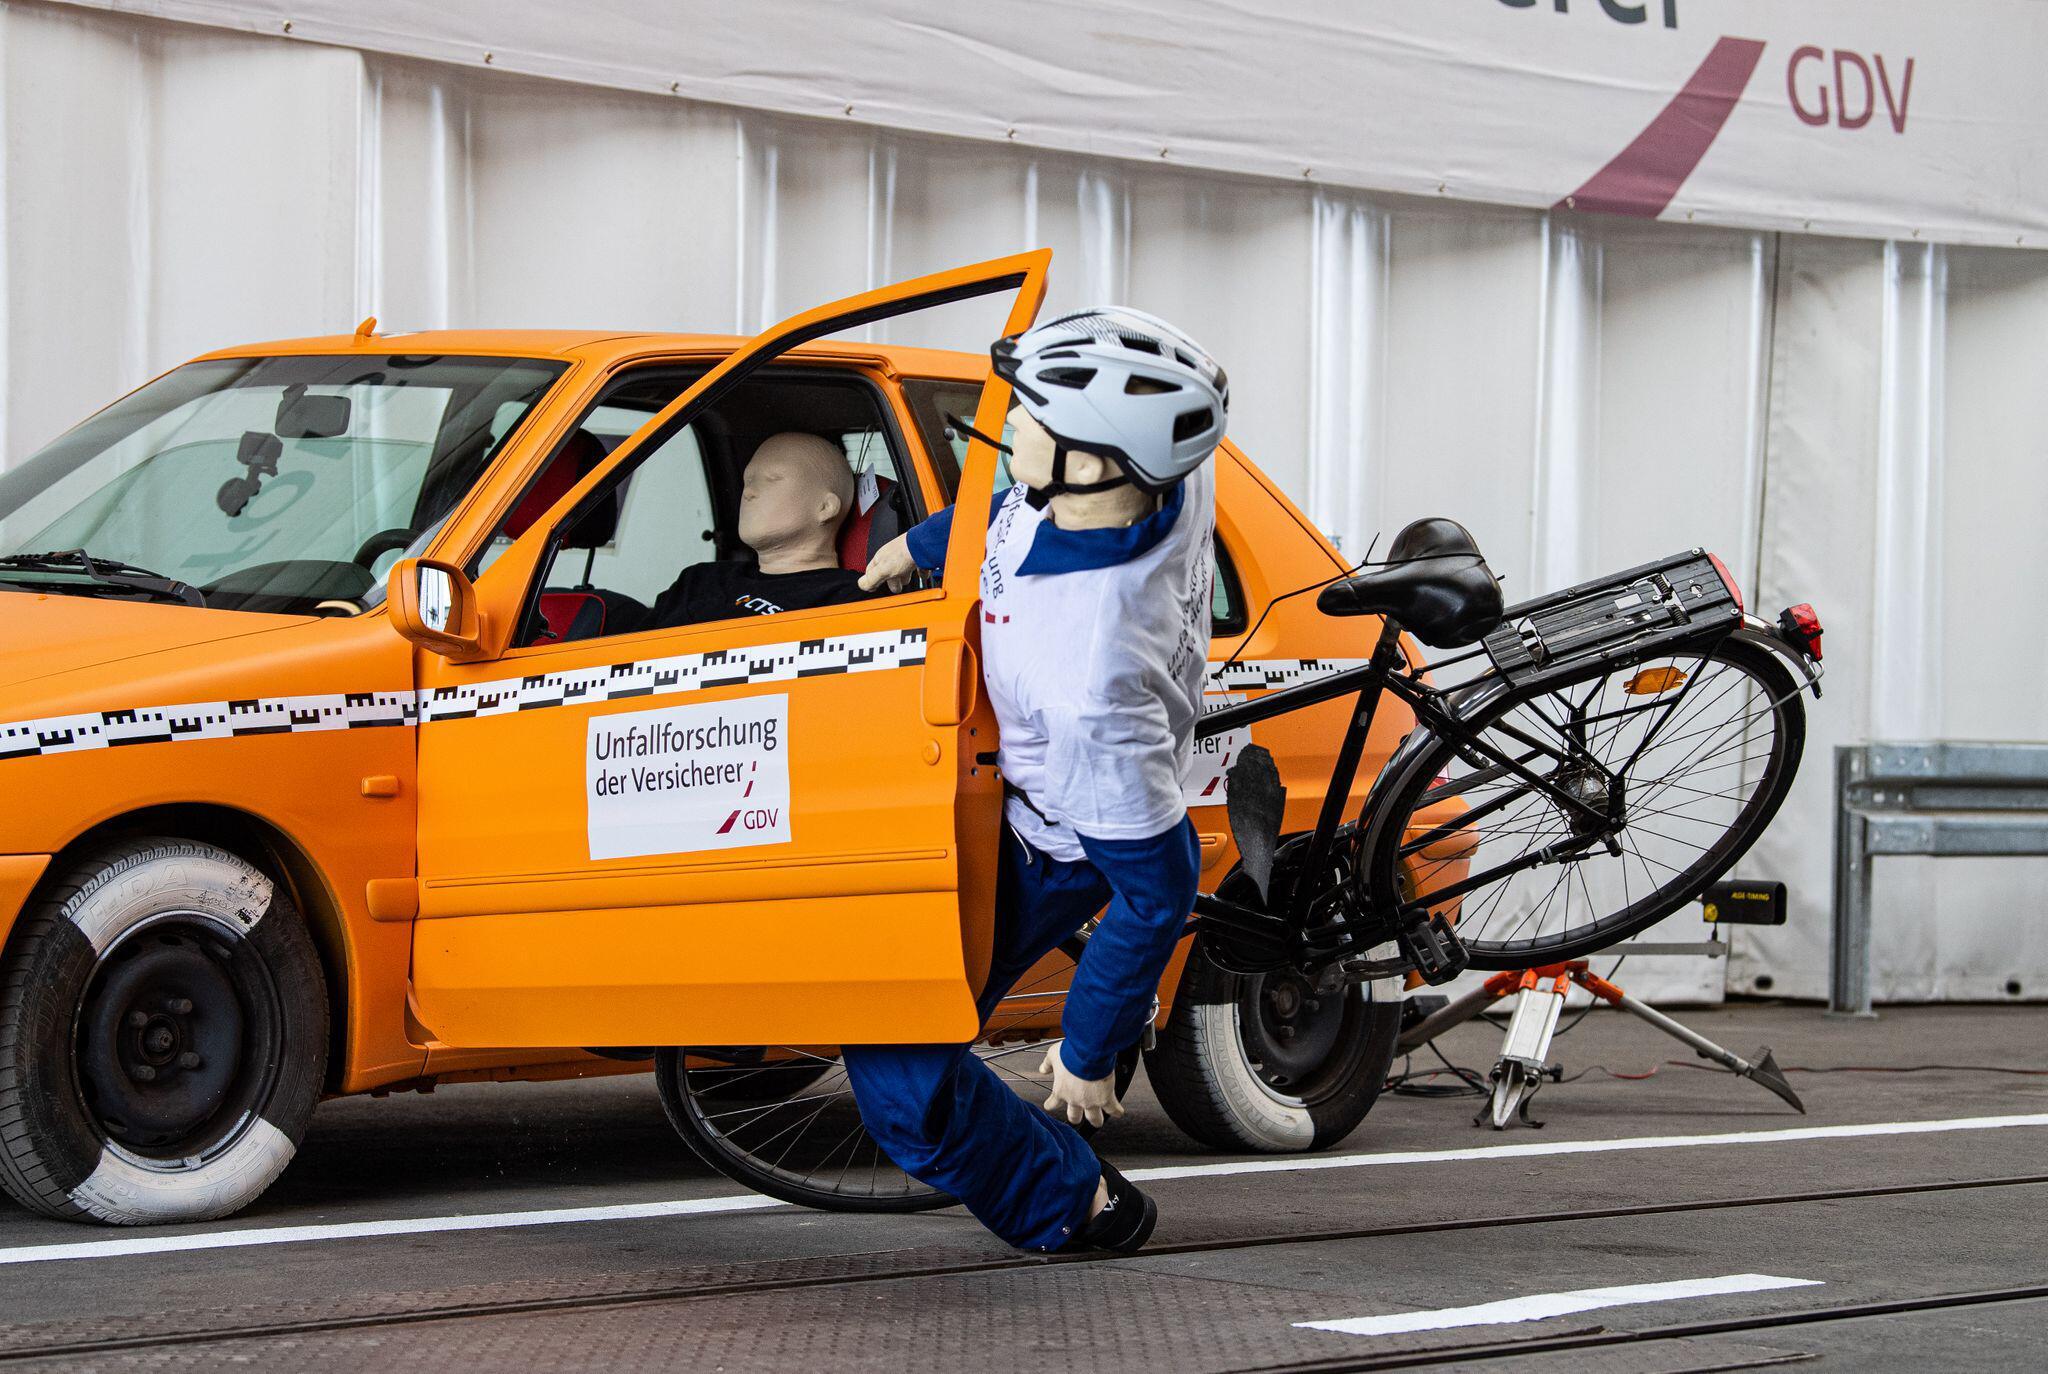 Bild zu Unfallforscher der Versicherer zu Unfällen von Radfahrern